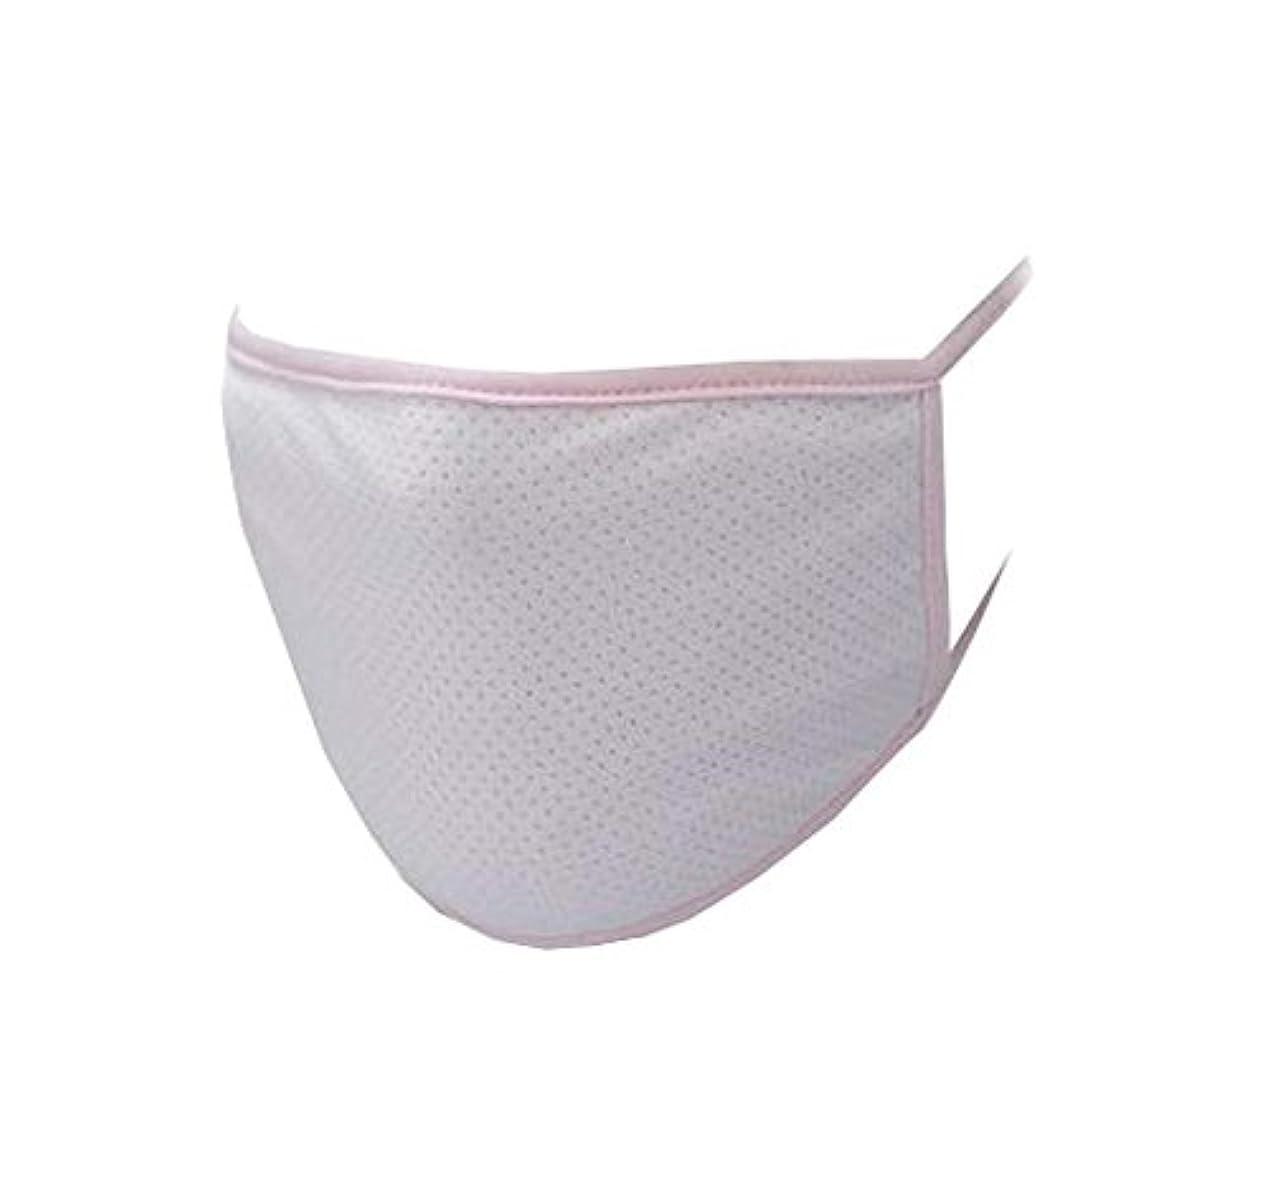 原子炉長老アトラス口マスク、再使用可能フィルター - 埃、花粉、アレルゲン、抗UV、およびインフルエンザ菌 - D